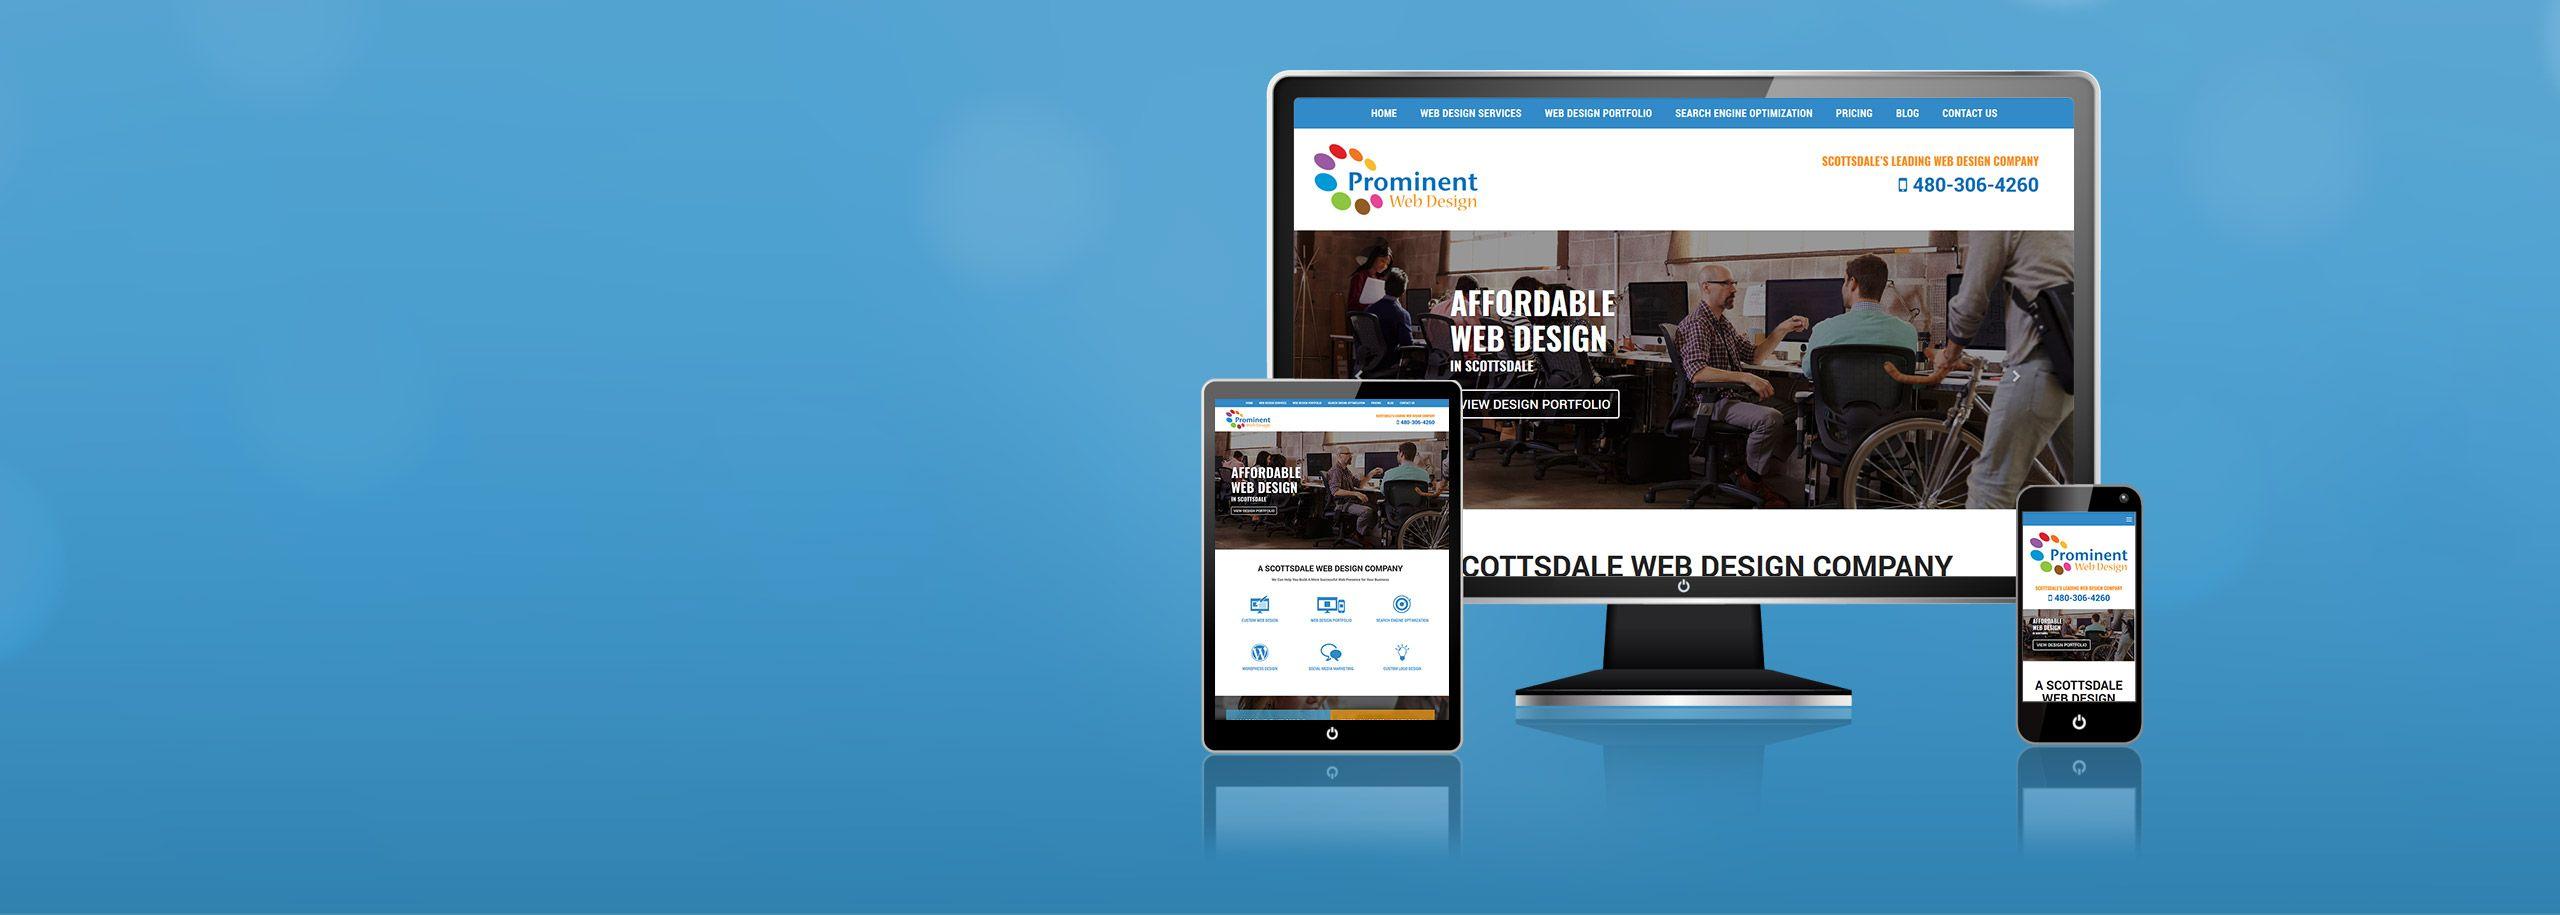 Central Florida Web Design Website Design Orlando Seo Web Design Affordable Web Design Design